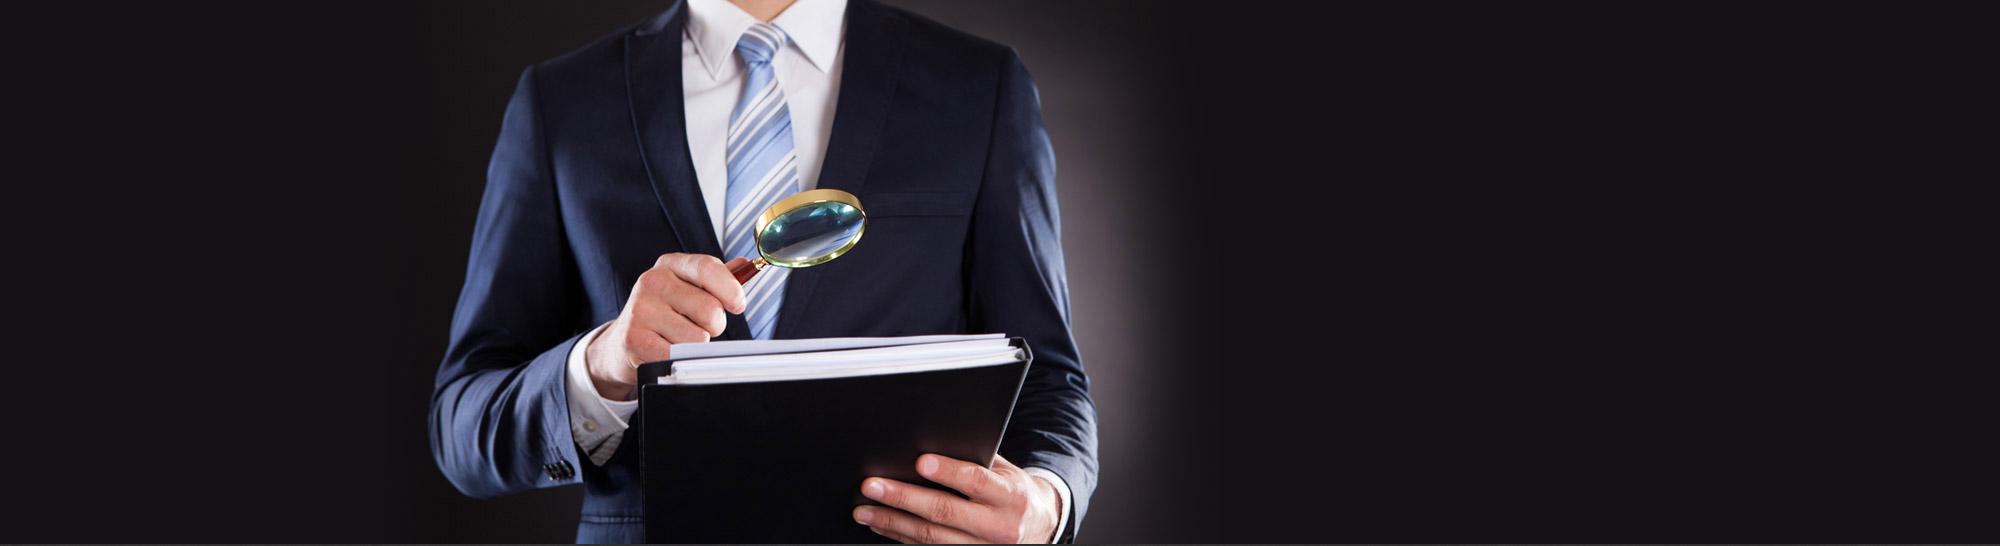 קודקוד חקירות, חוקר פרטי , משרד חקירות